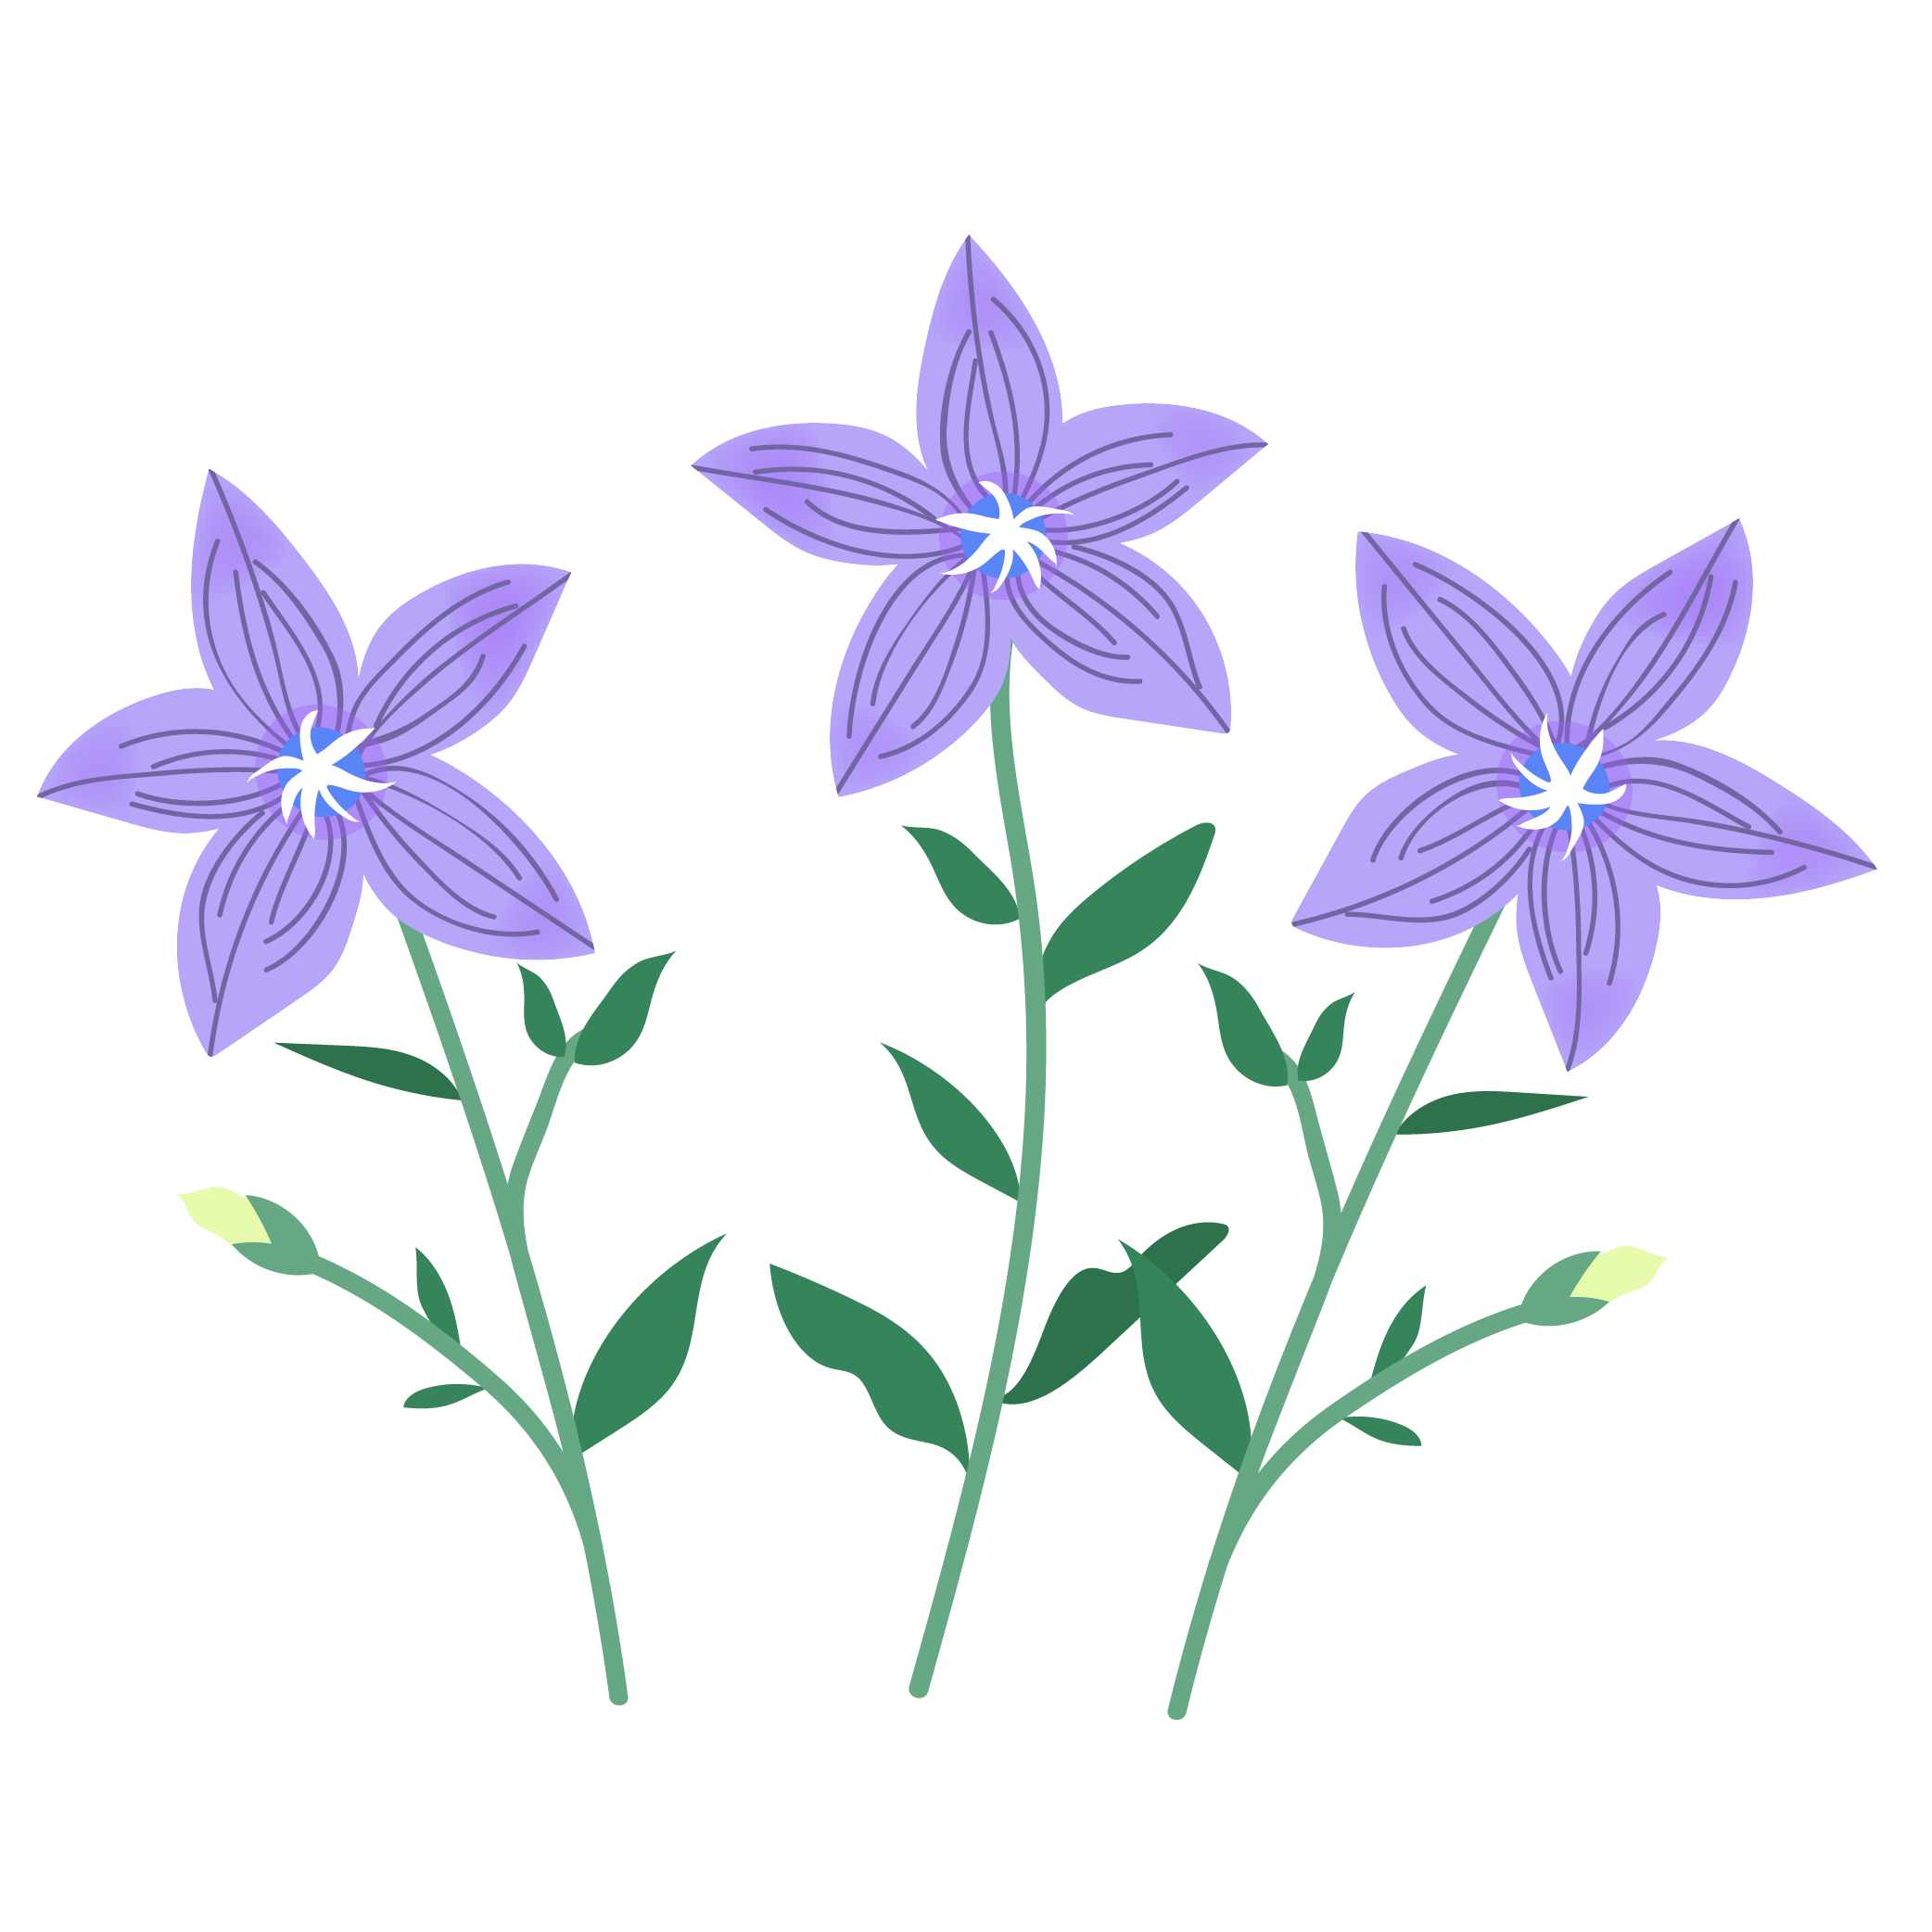 桔梗・キキョウ(英語:chinese-bellflower)秋の花のイラスト | 商用